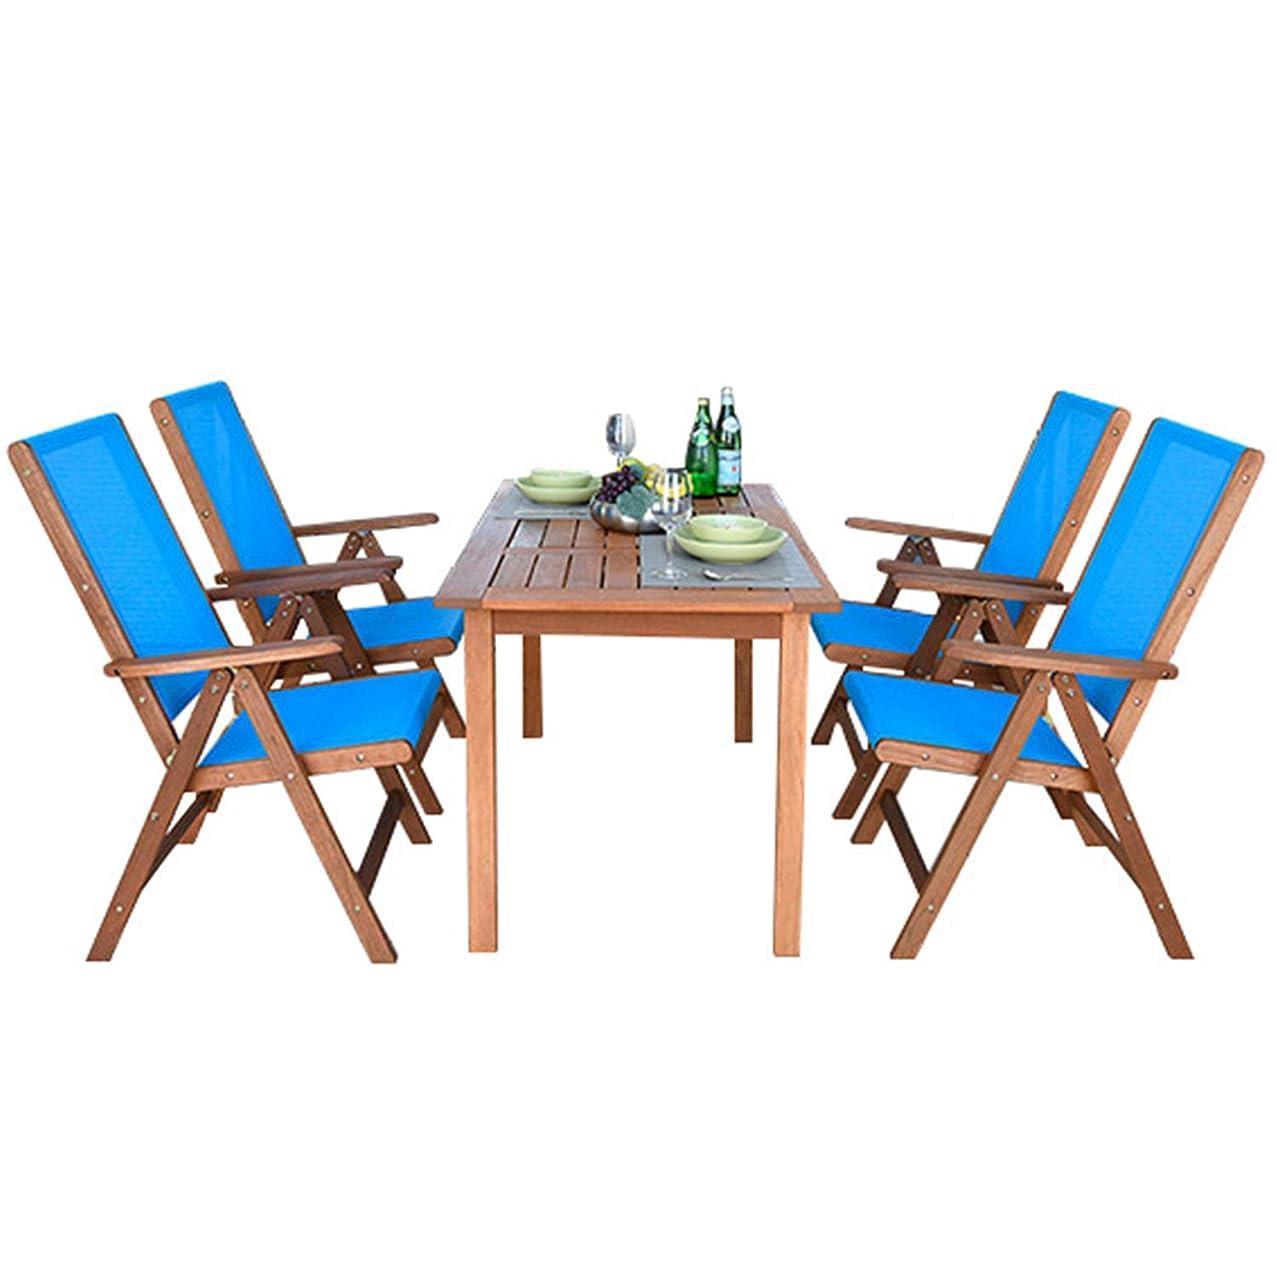 劇作家良い腐食する山善(YAMAZEN) ガーデンマスター BBQガーデンテーブル&チェア(5点セット) ブルー MFT-225BBQ&MFC-259D(4脚)